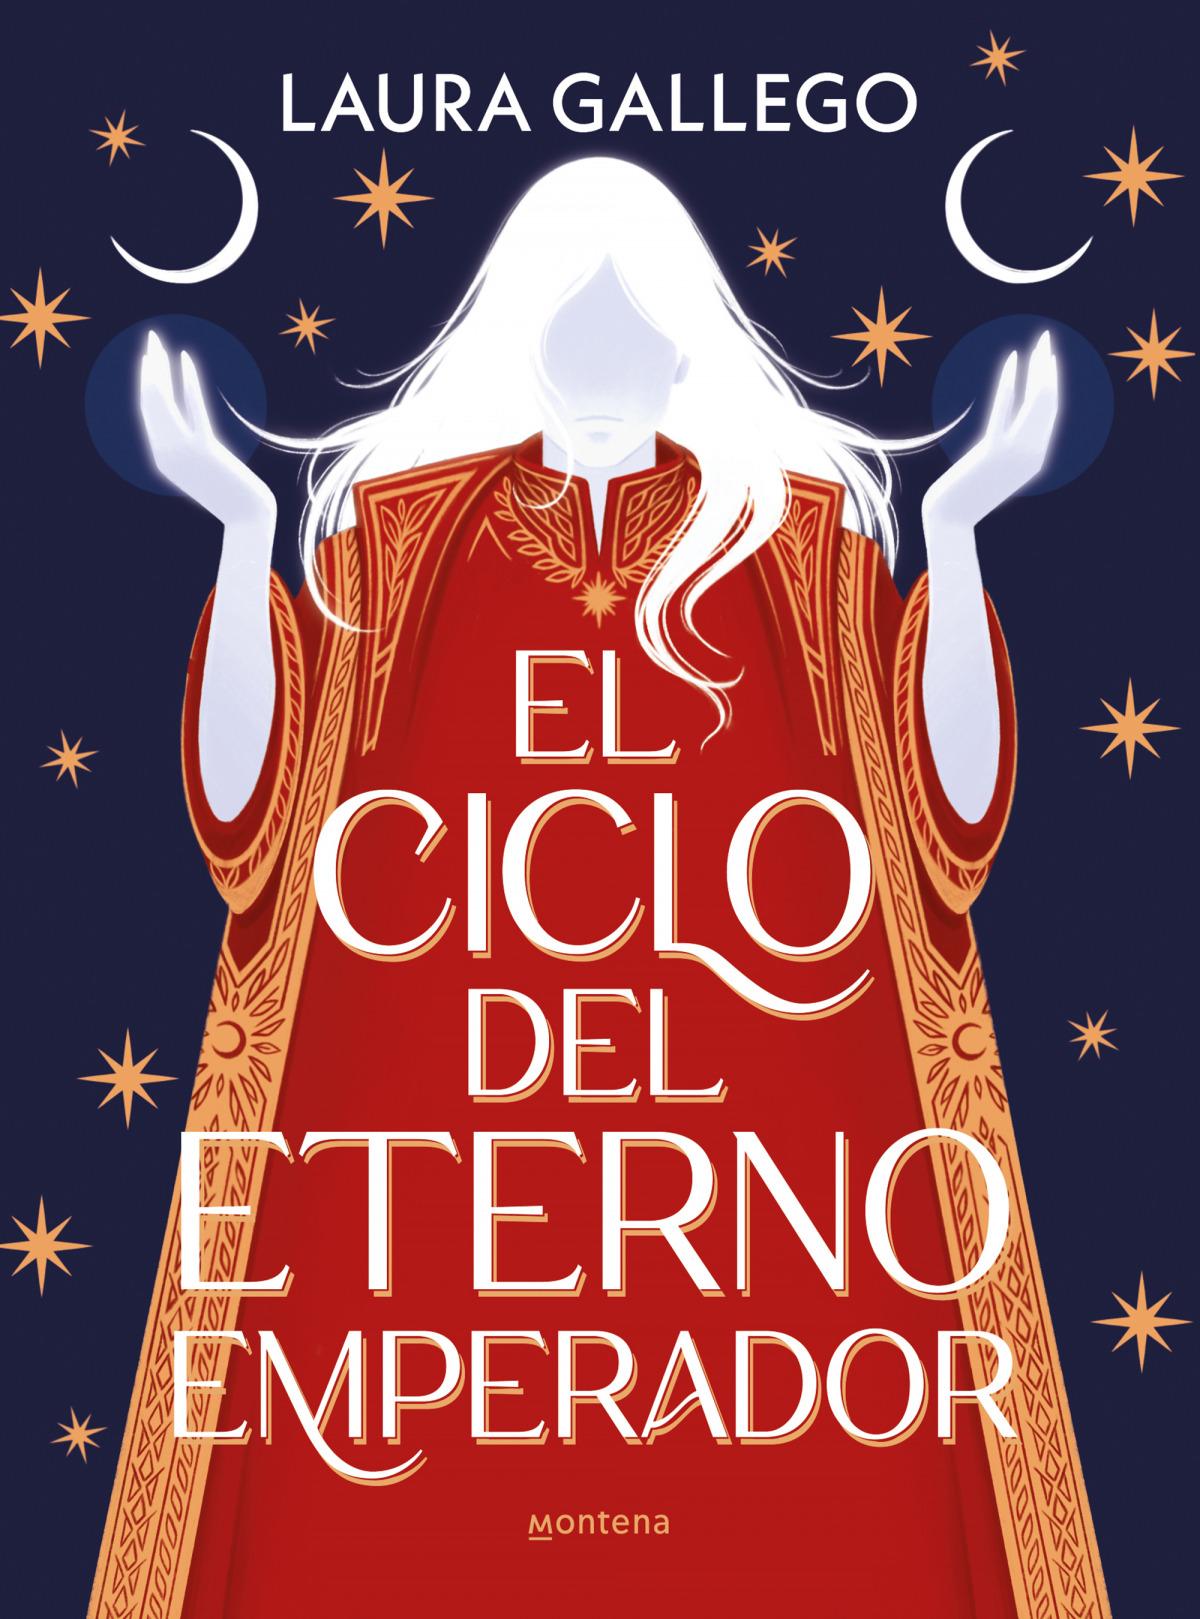 EL CICLO DEL ETERNO EMPERADOR 9788418483547